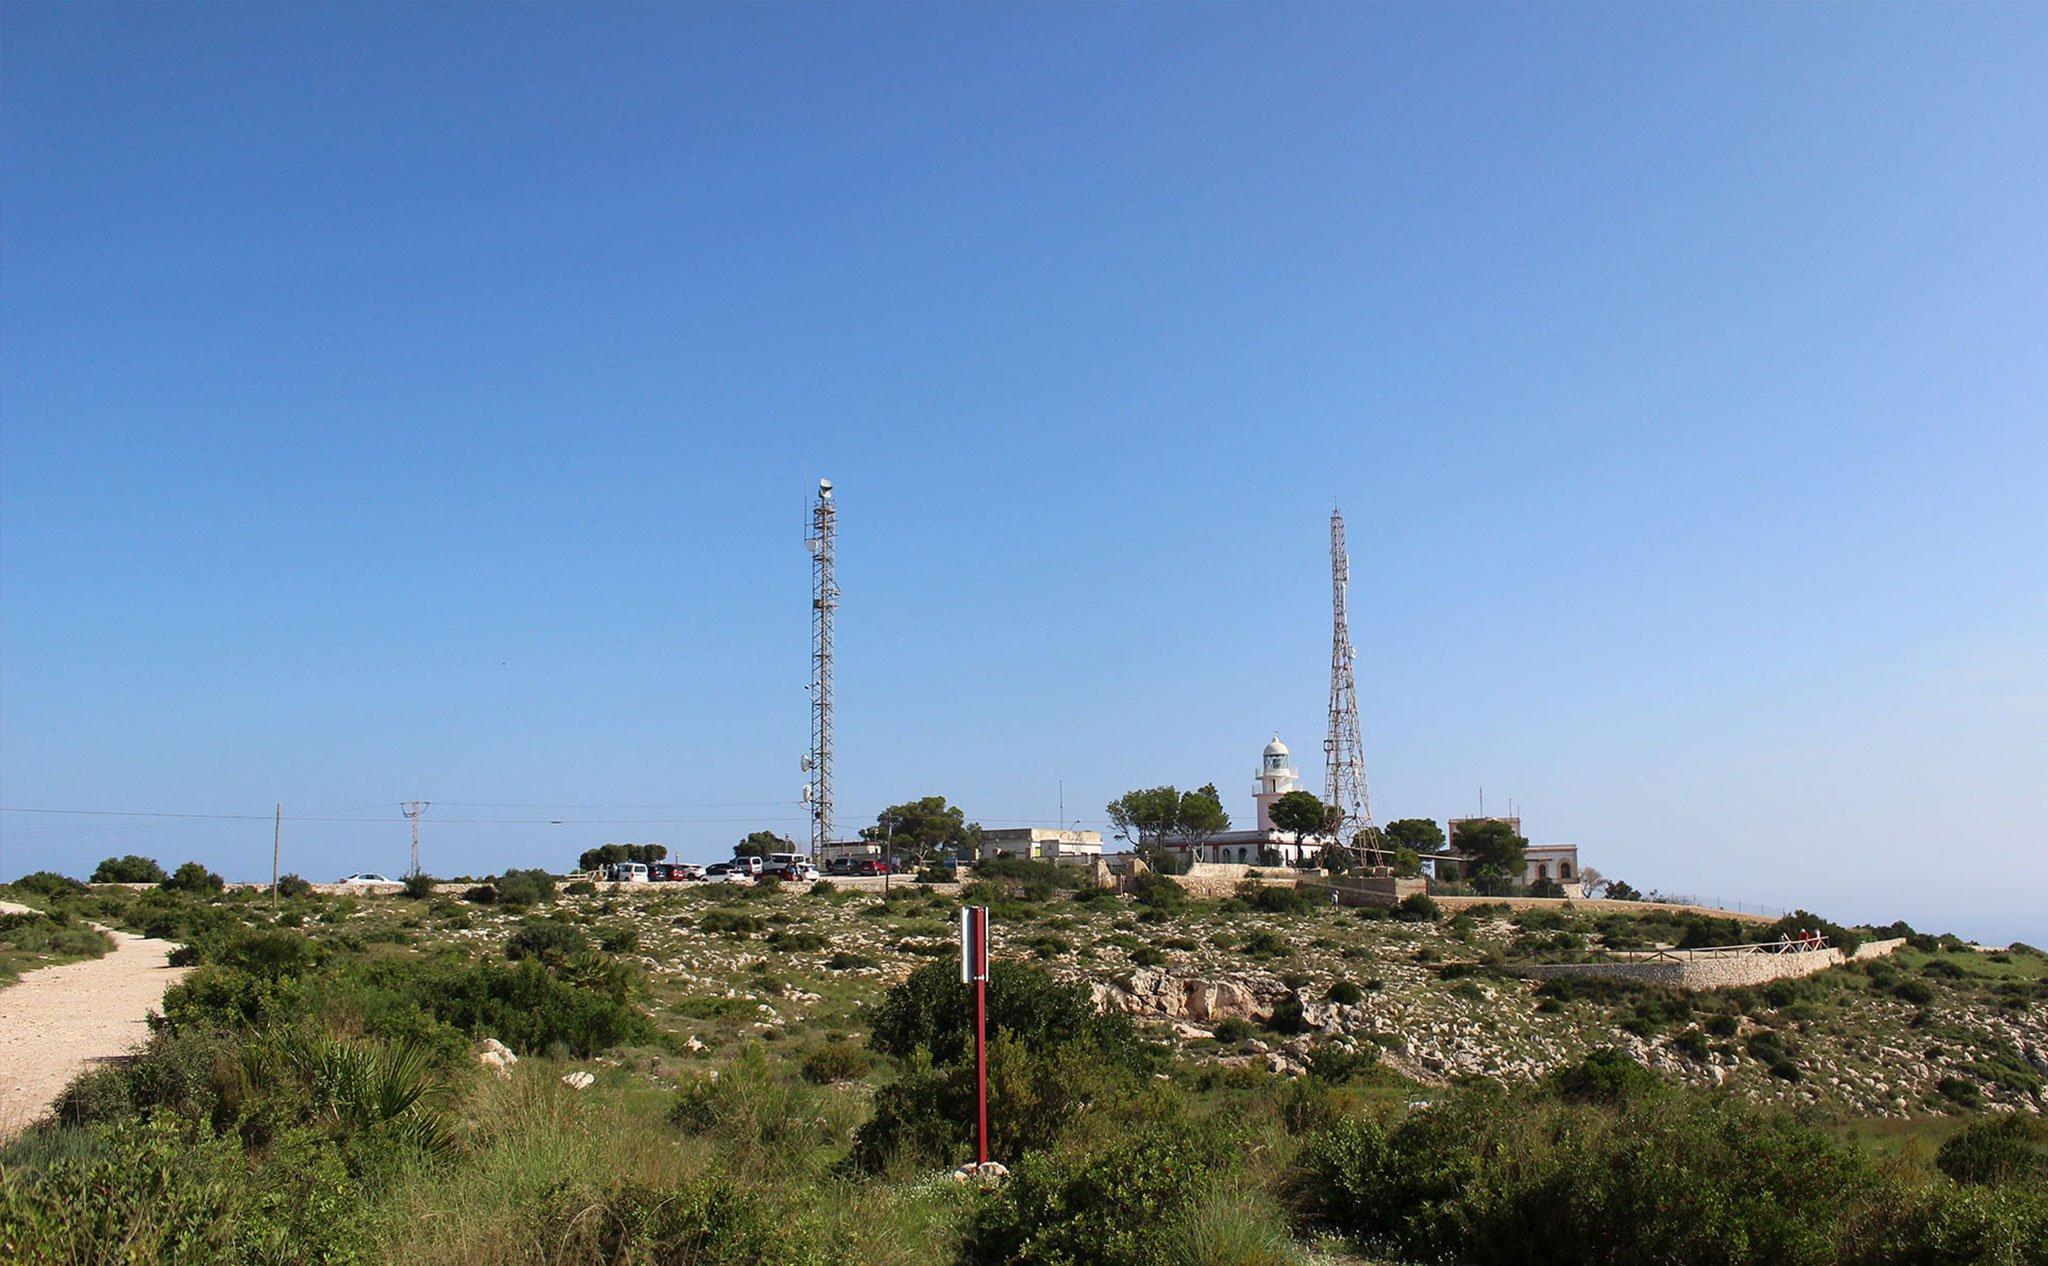 El faro del Cabo de San Antonio a lo lejos